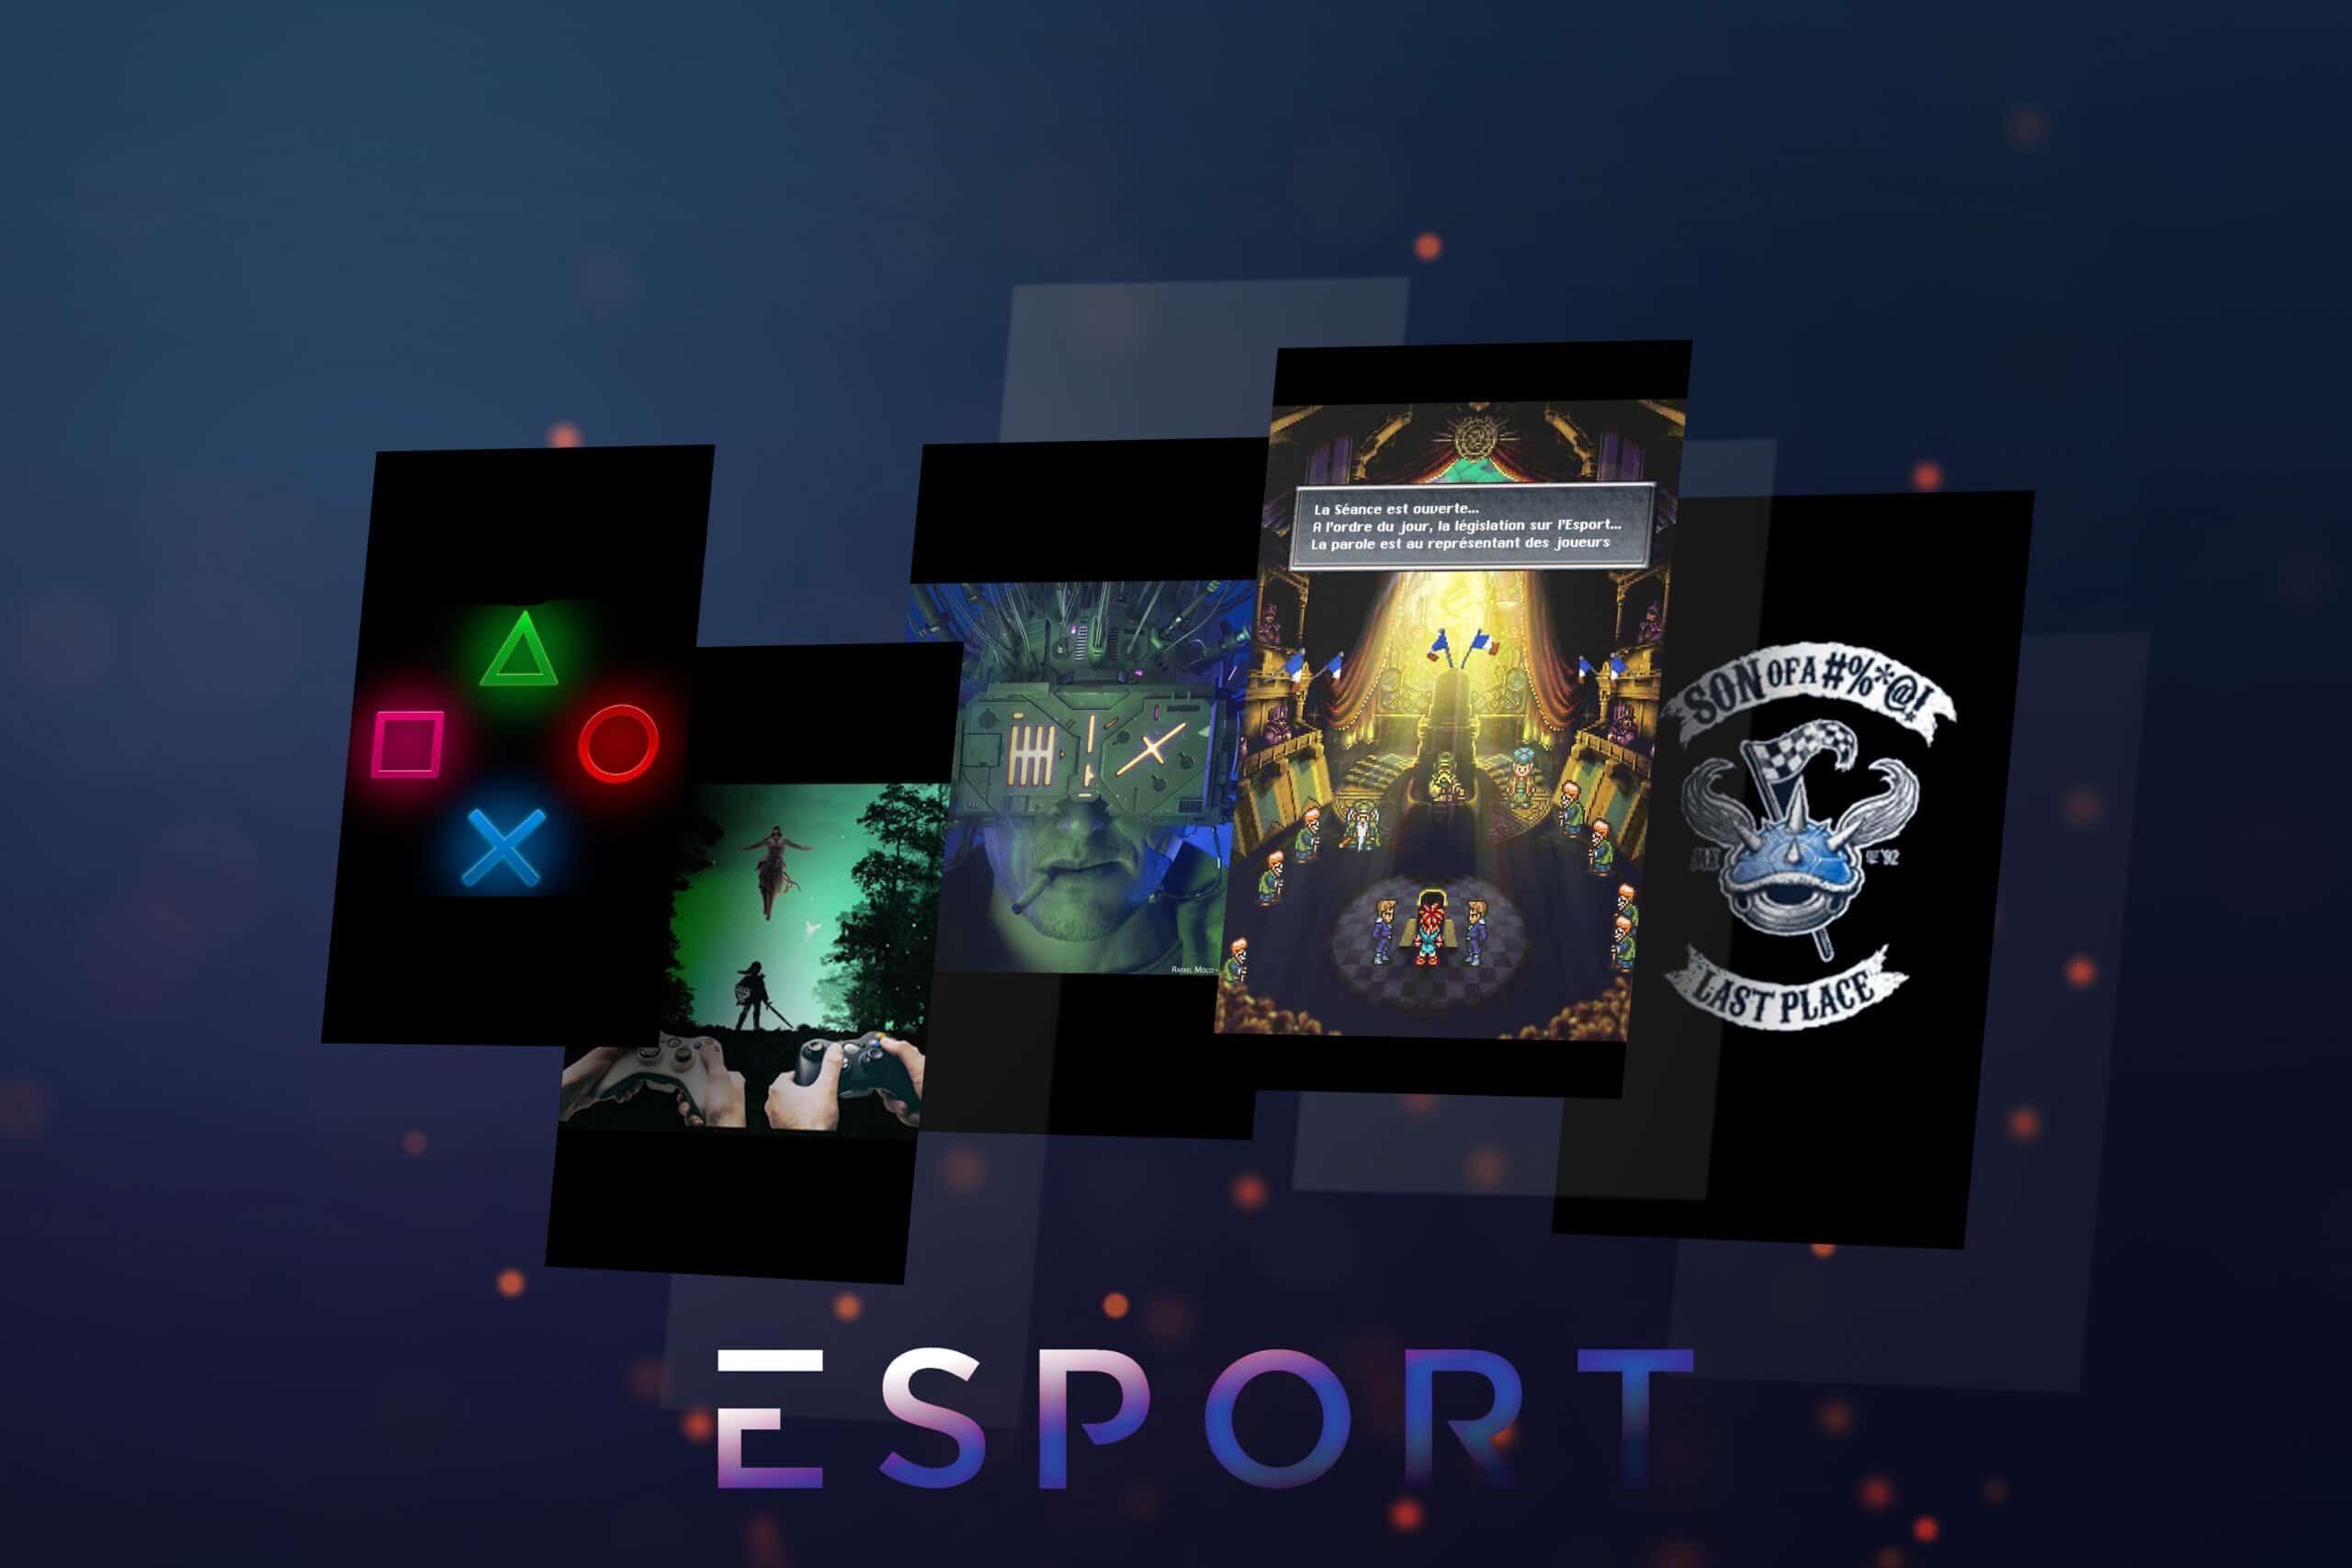 Esport & Compétitions de jeux vidéo - Contrats de joueurs esportifs - Clubs et équipes